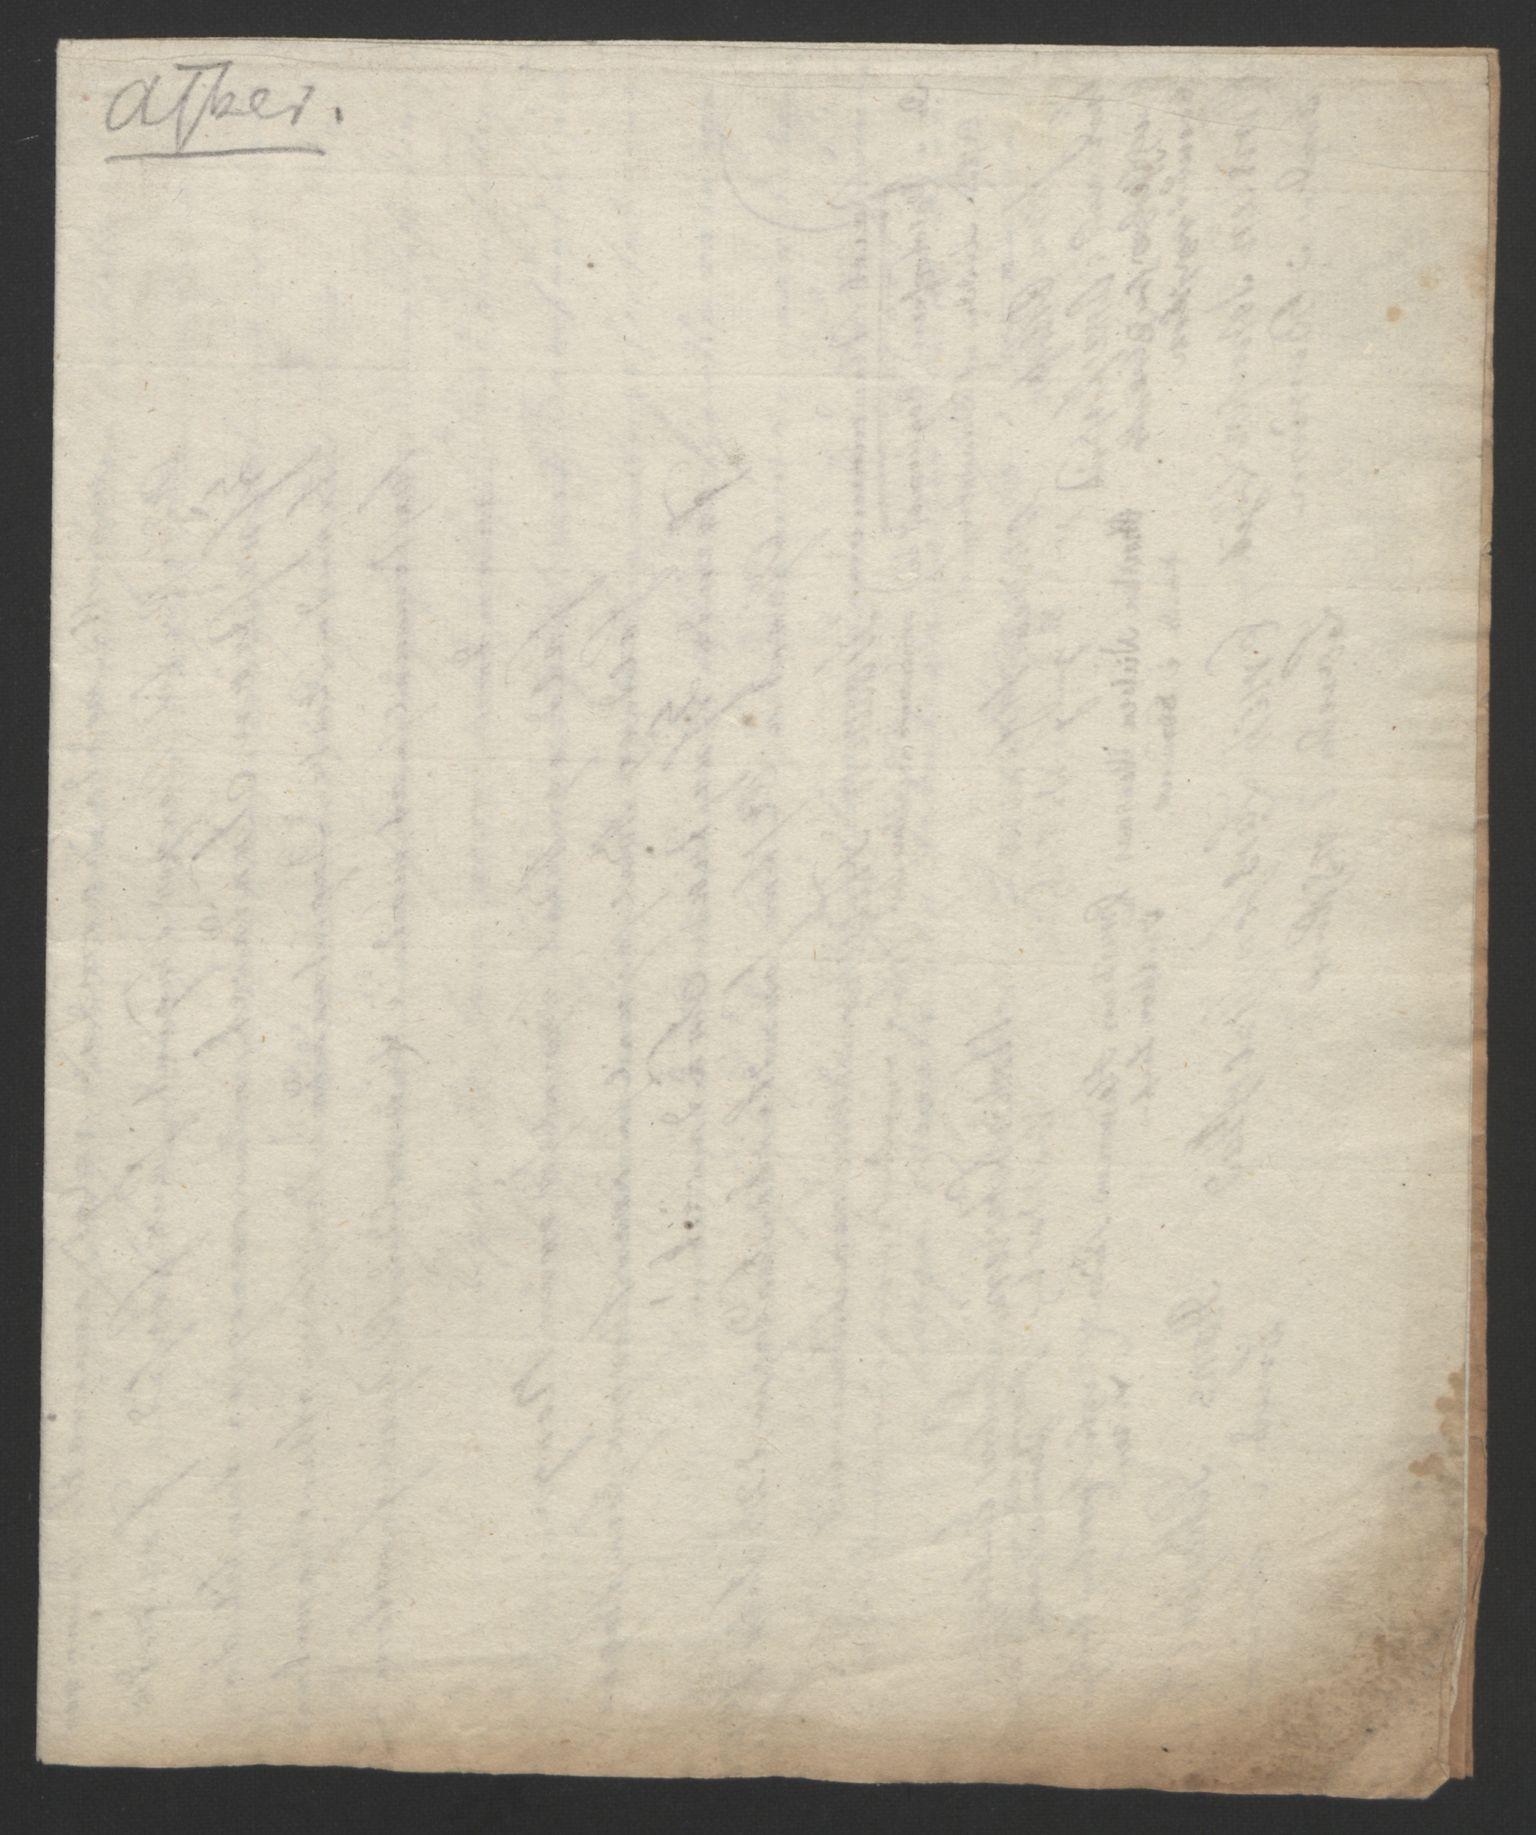 RA, Statsrådssekretariatet, D/Db/L0007: Fullmakter for Eidsvollsrepresentantene i 1814. , 1814, s. 175